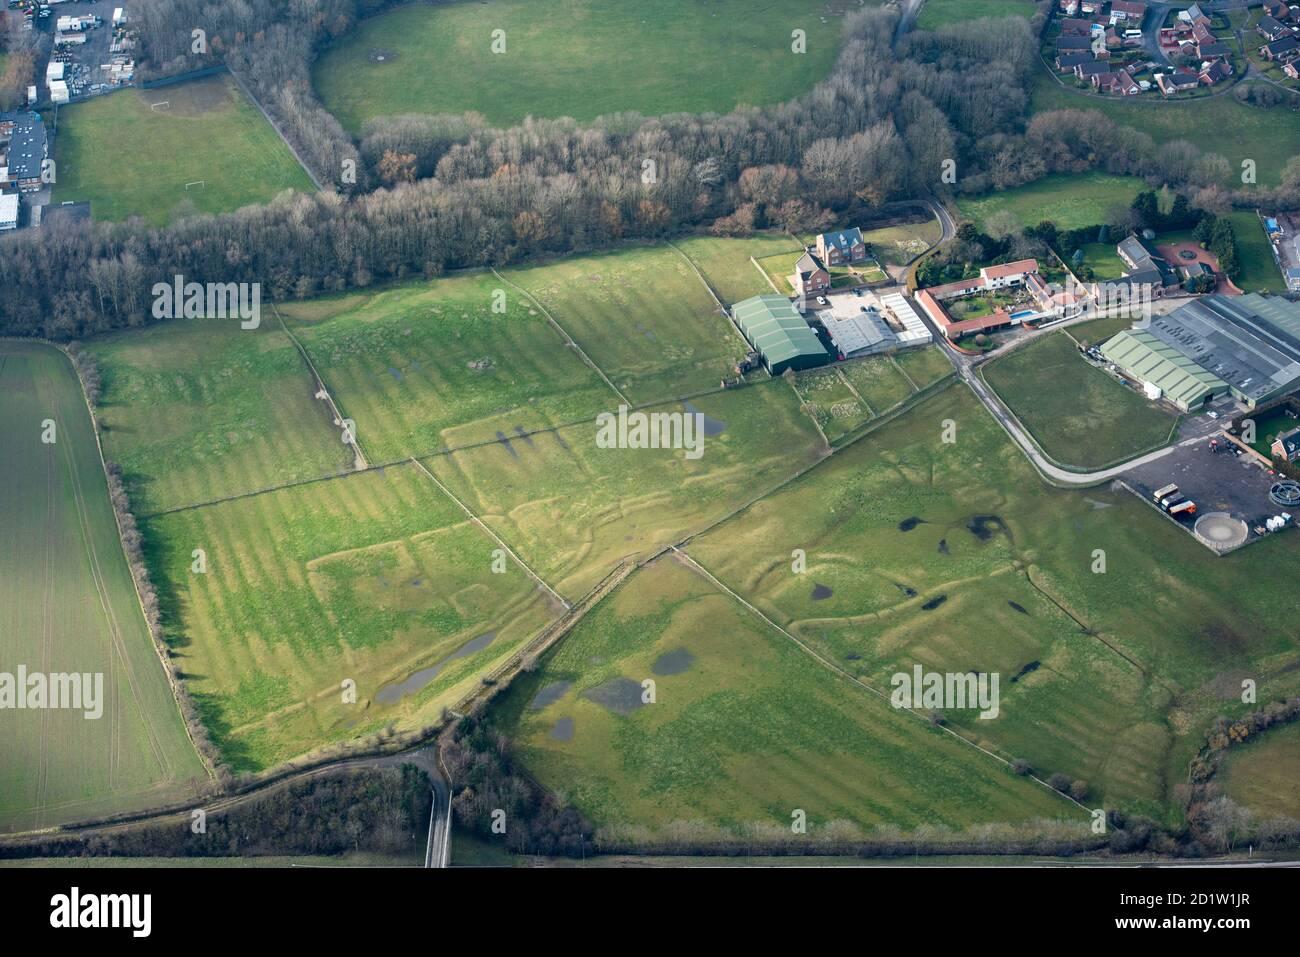 Stainsby mittelalterliches Dorf und offenes Feldsystem, Middlesborough und Stockton-on-Tees, Großbritannien. Luftaufnahme. Stockfoto